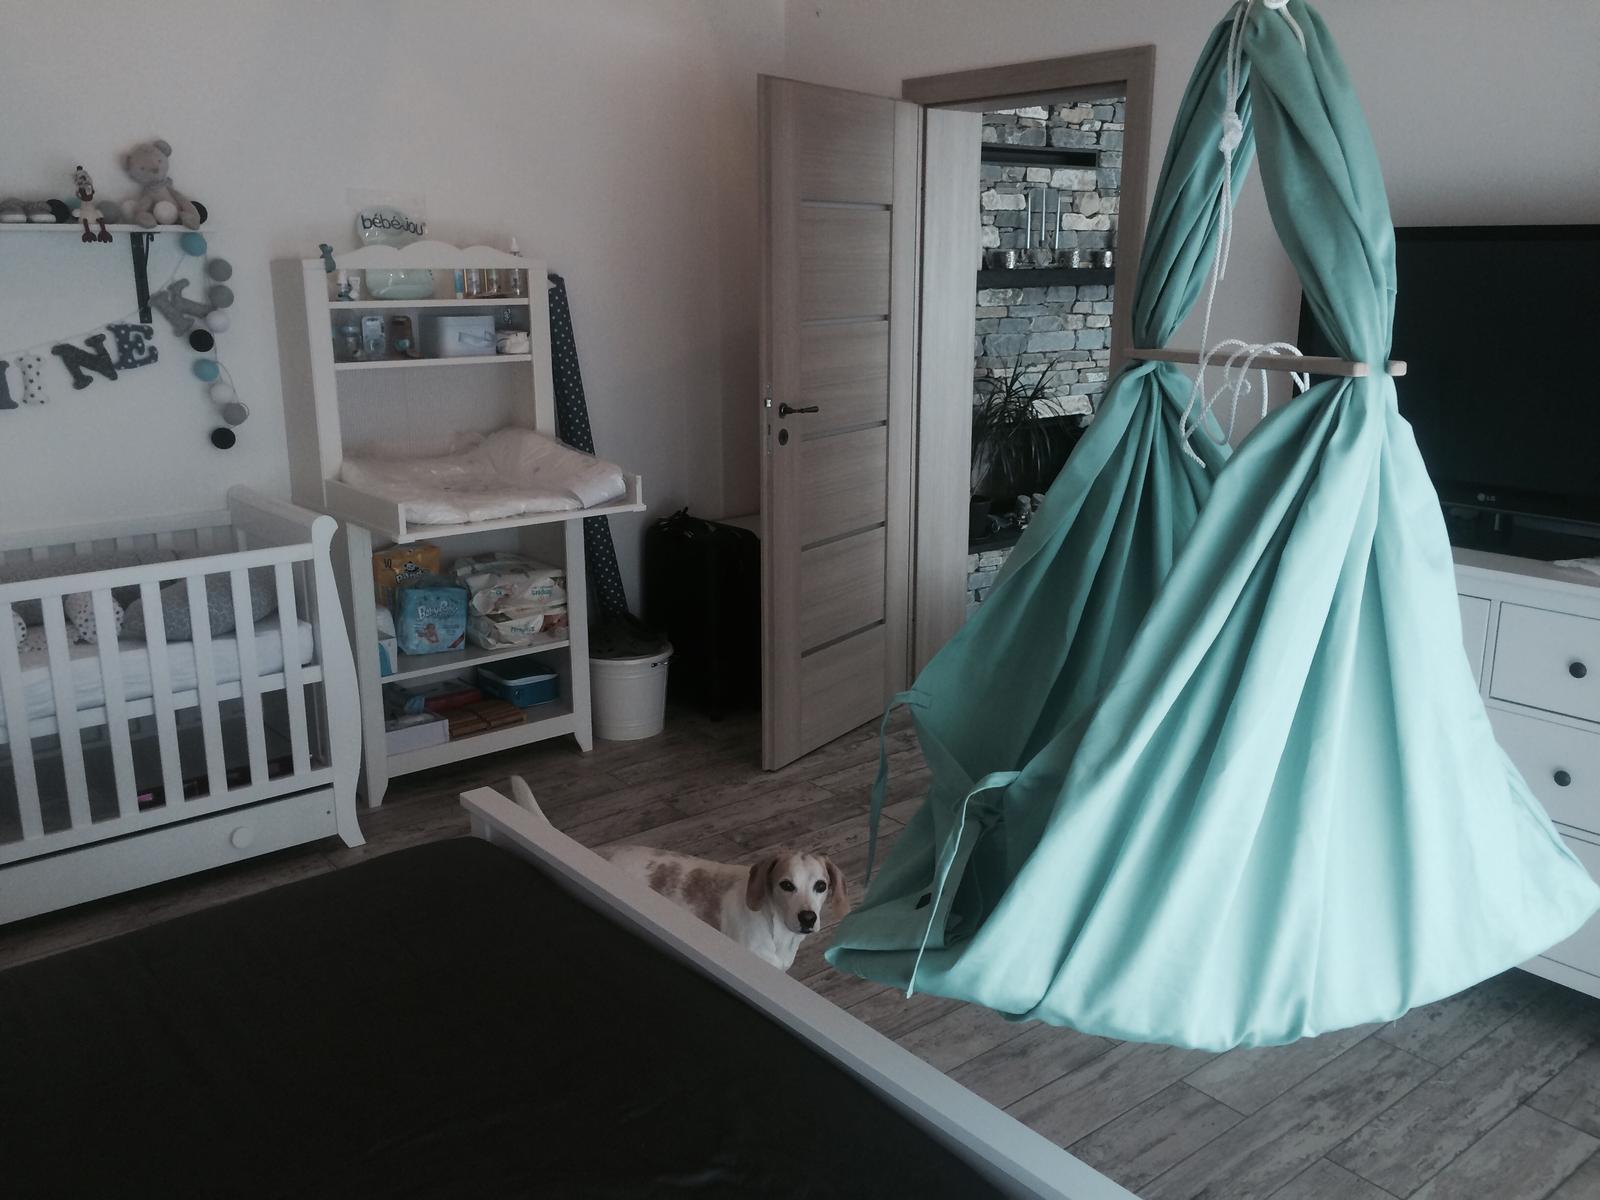 Splněný sen ... domeček - Obrázek č. 373